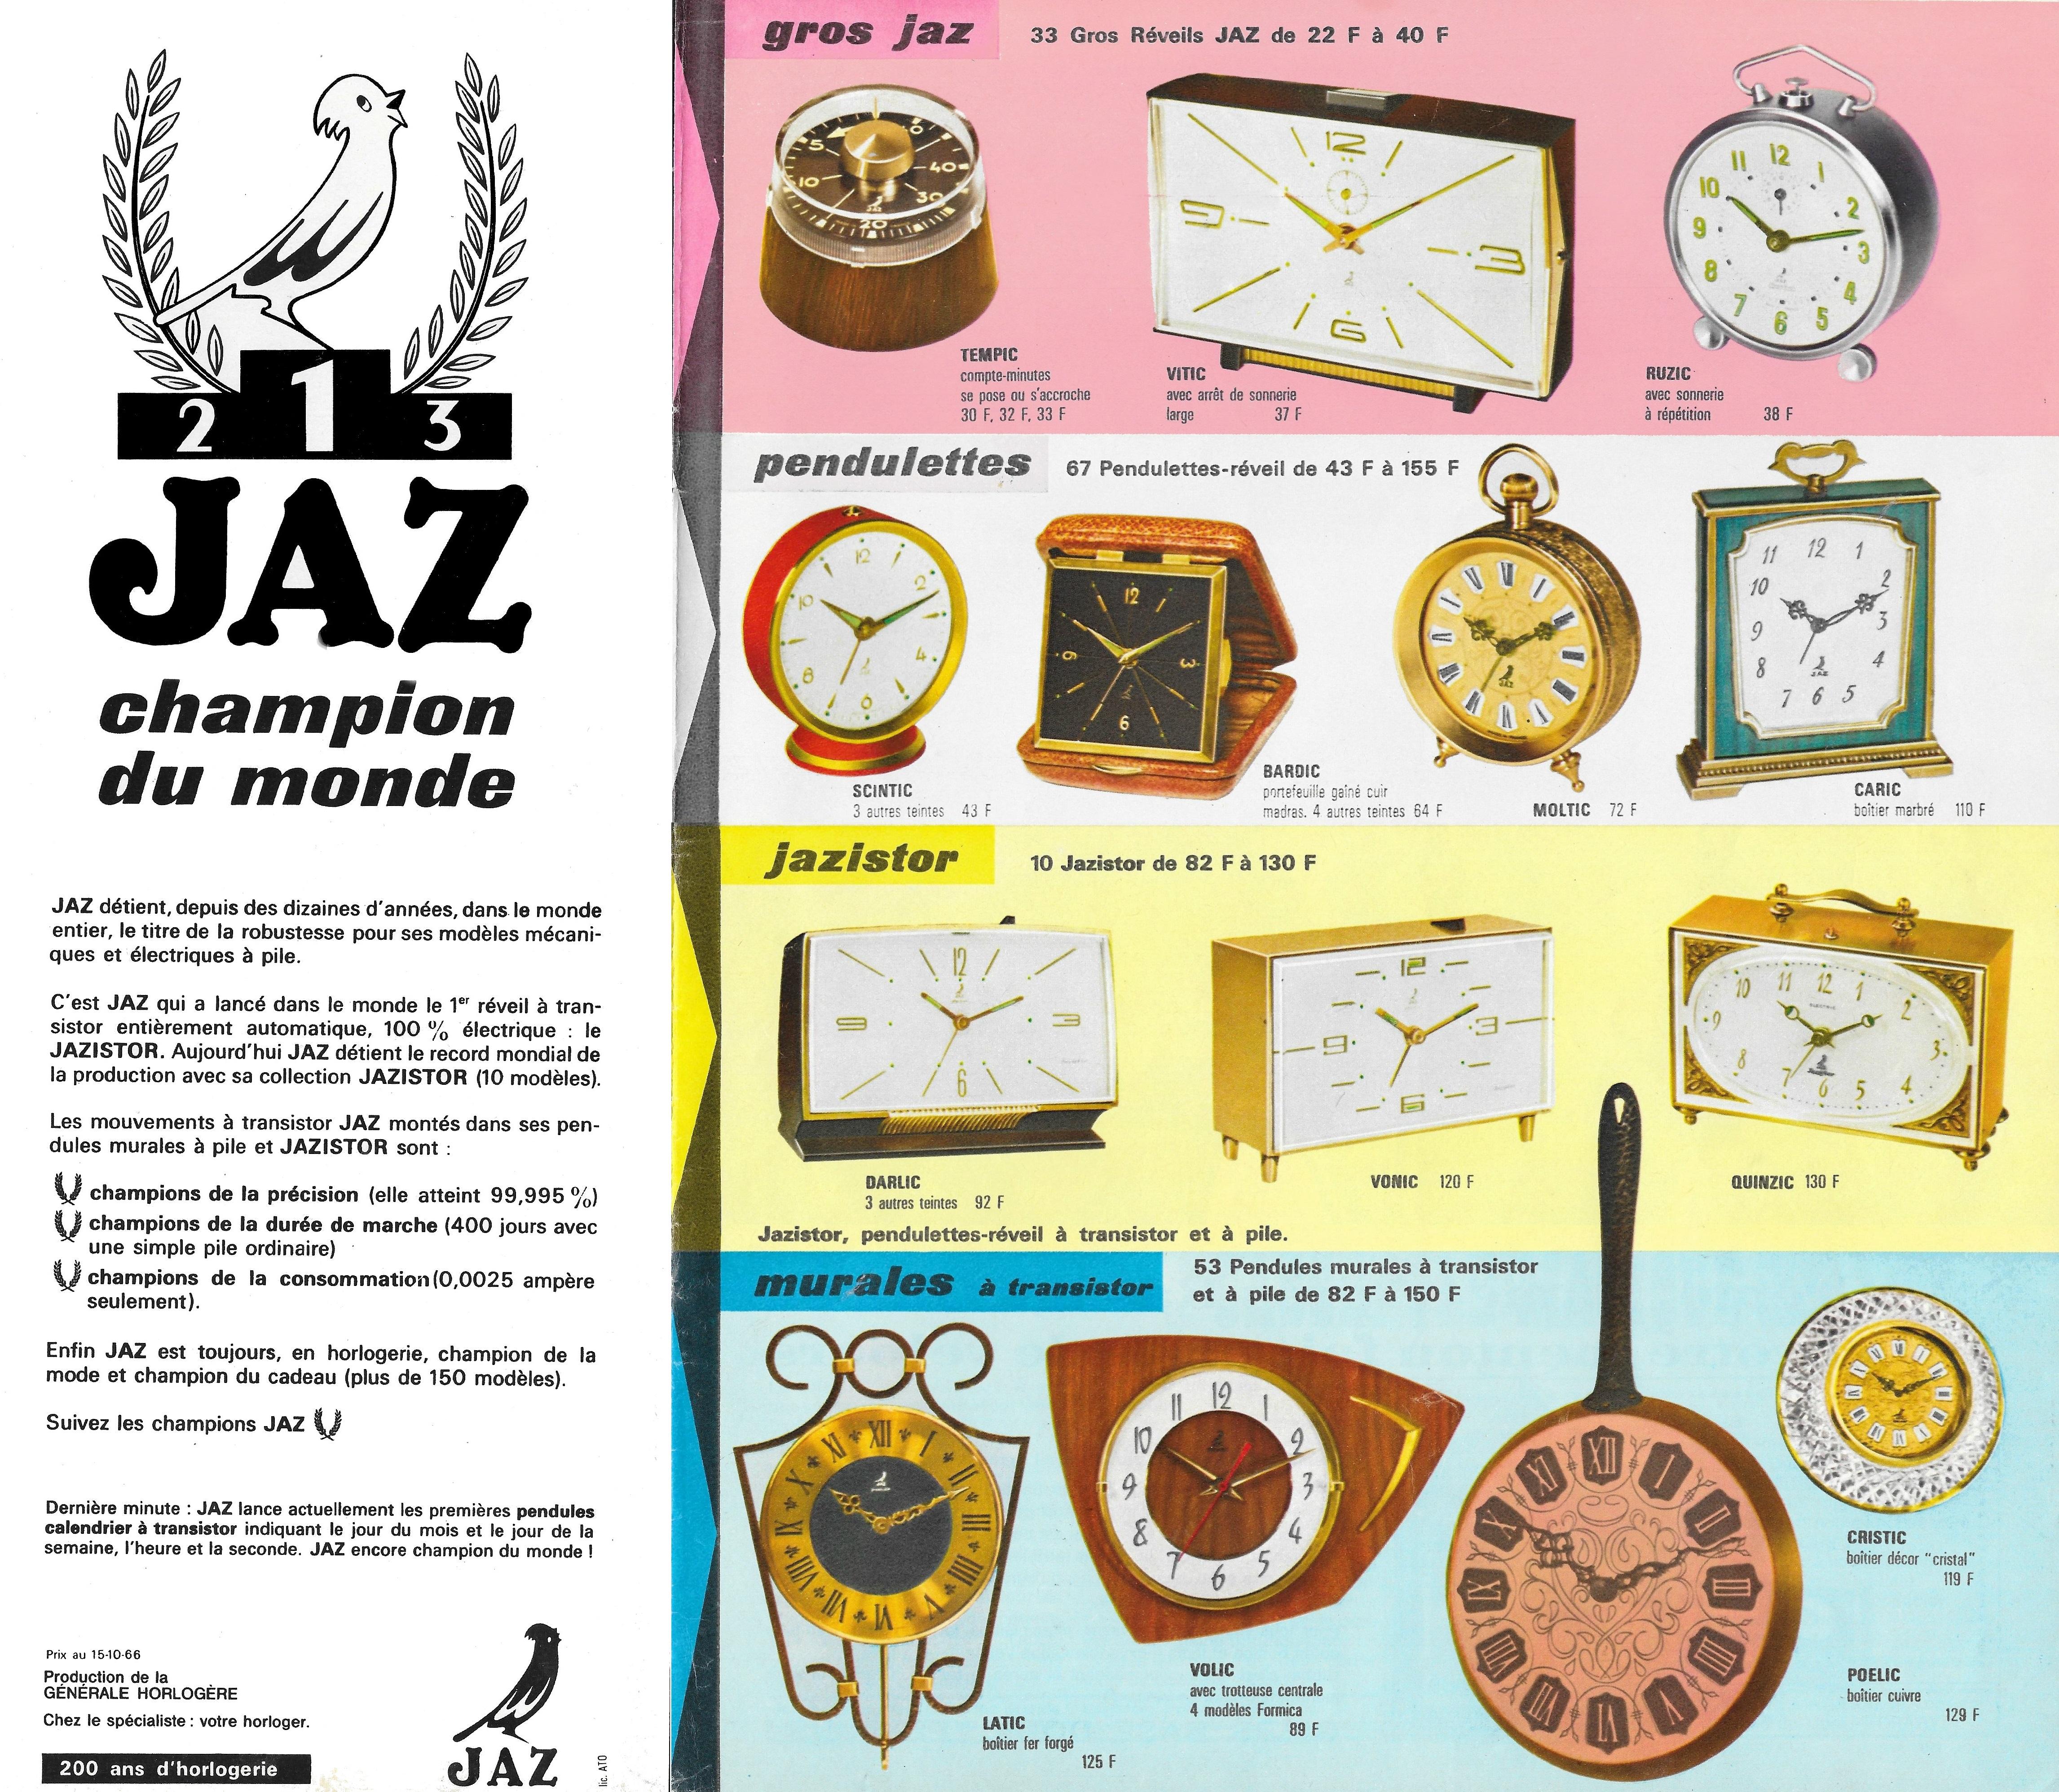 tempic vitic ruzic scintic bardic moltic caric darlic vonic quinzic latic volic poelic cristic  Oct 1966 Paris Match++.jpg